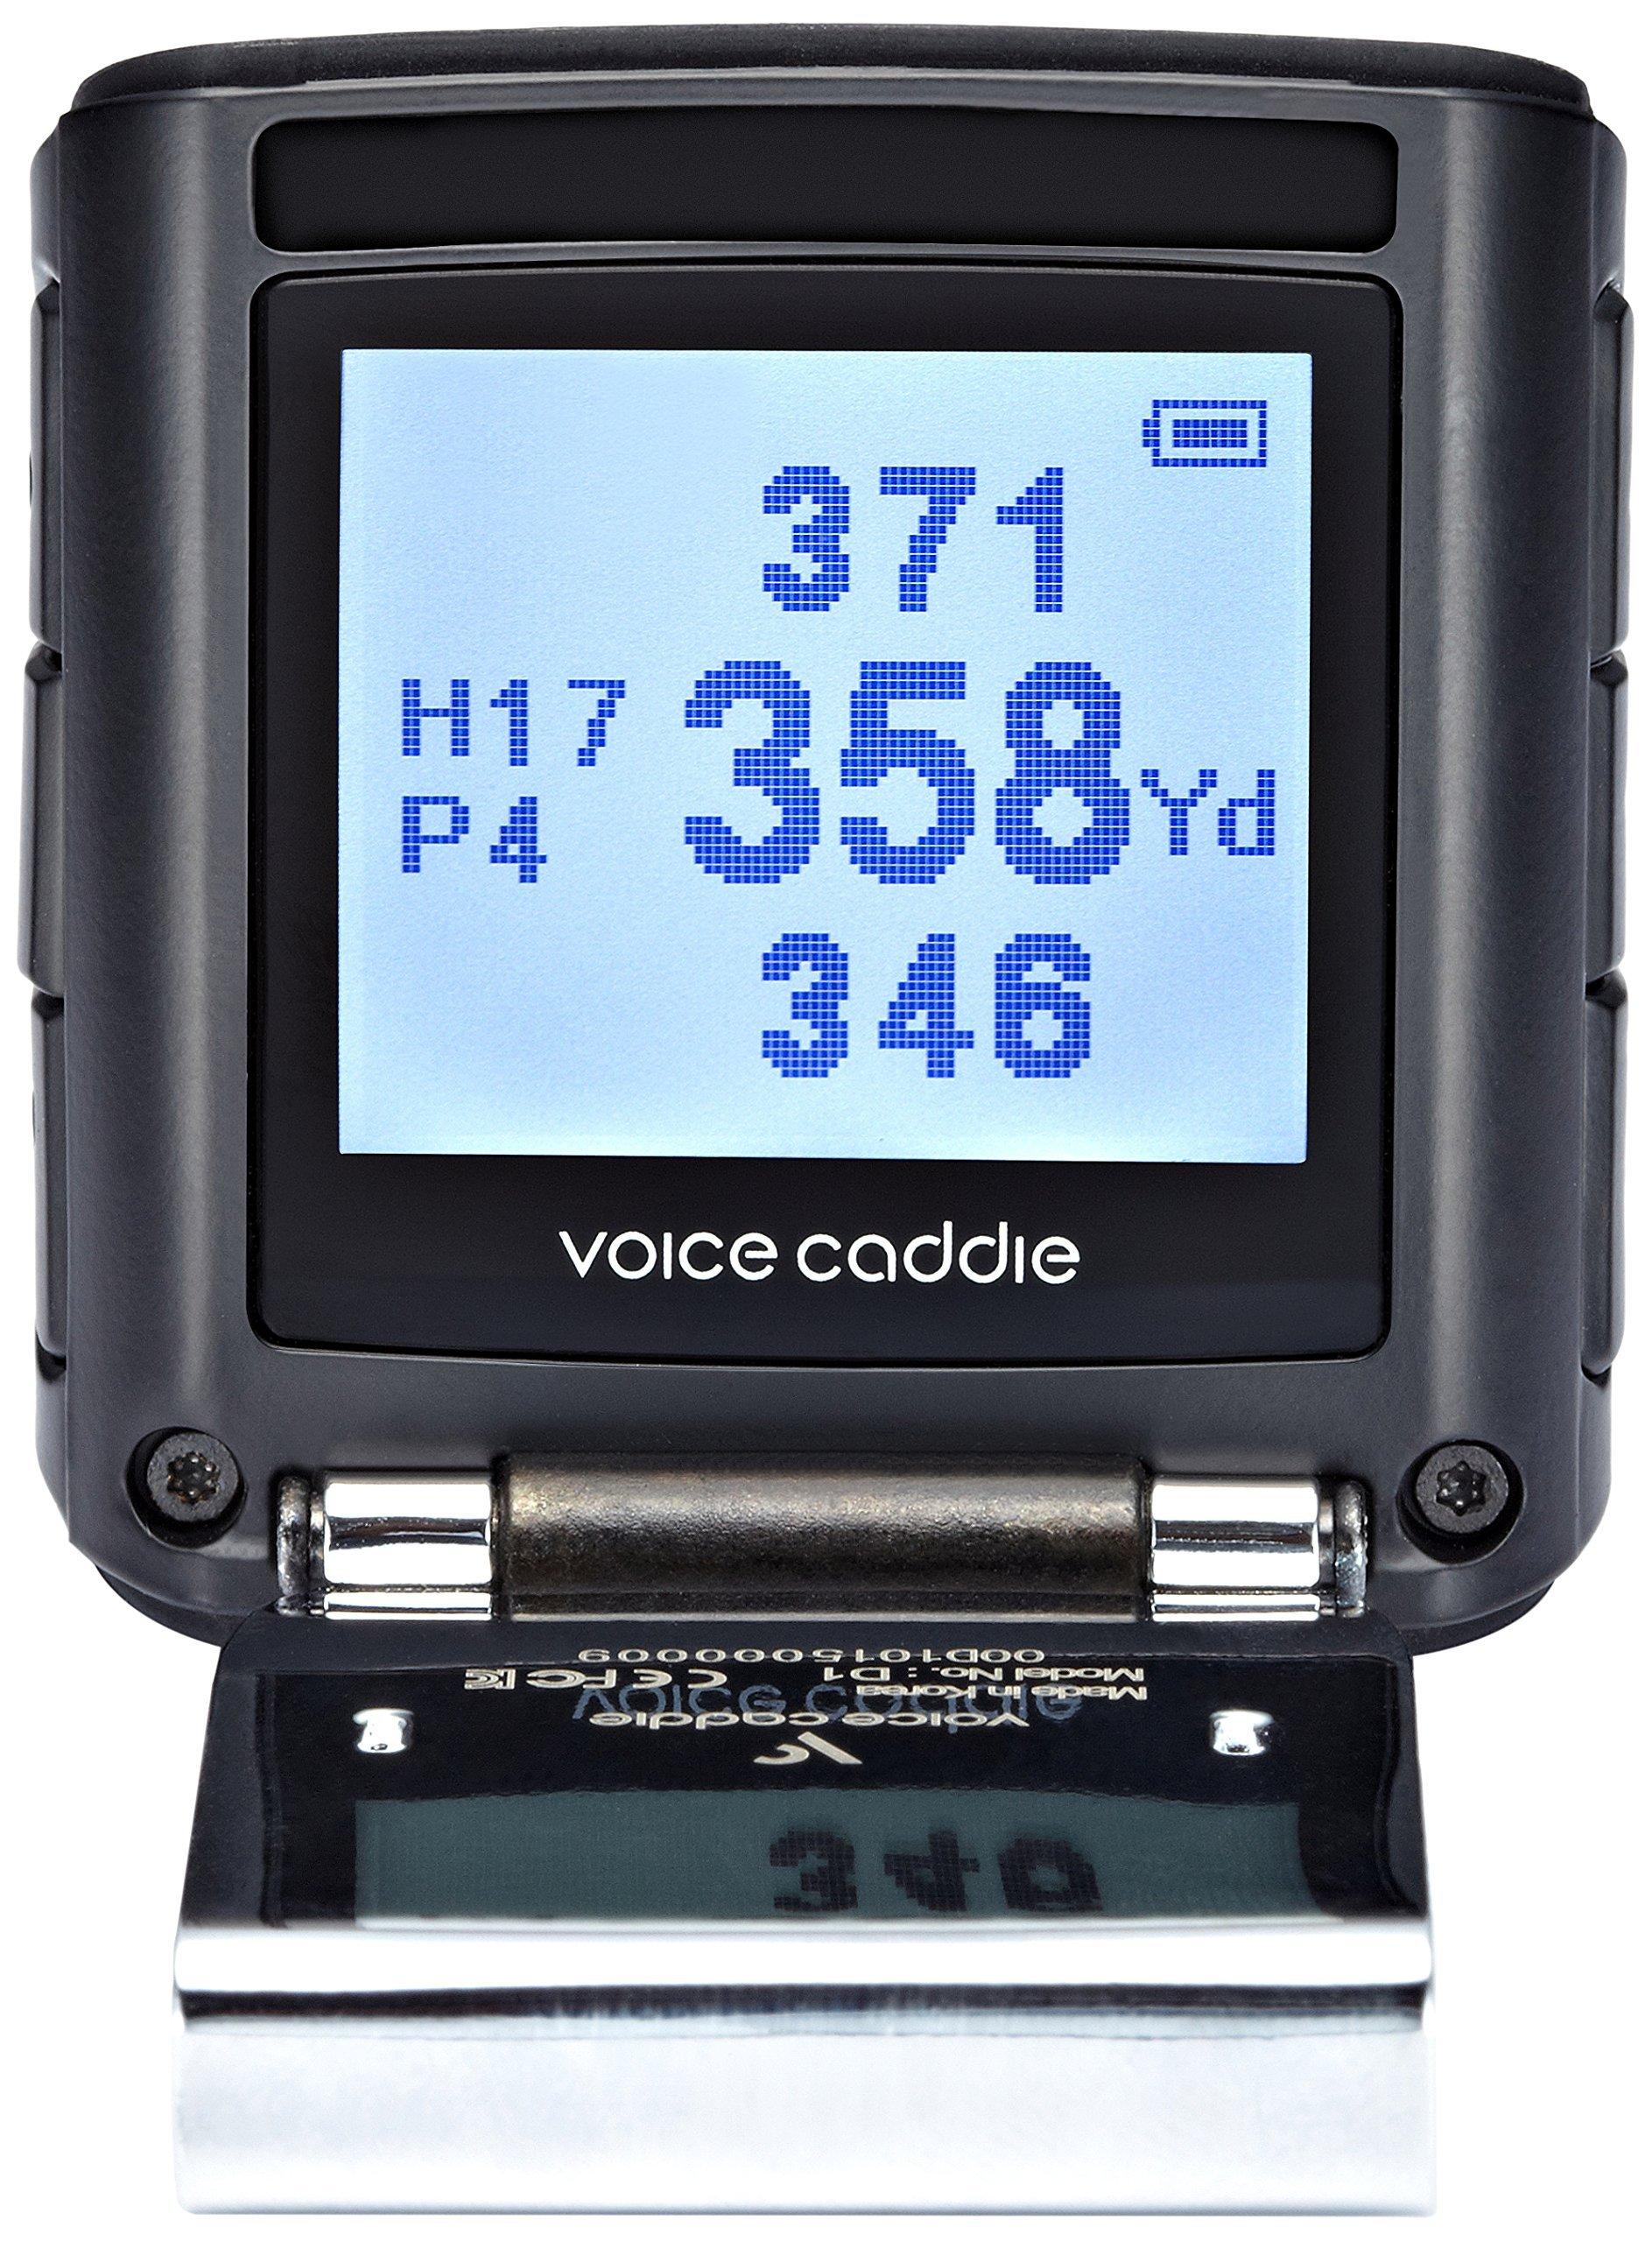 Voice Caddie D1 + Screen Golf GPS Rangefinder, Black by VOICE CADDIE